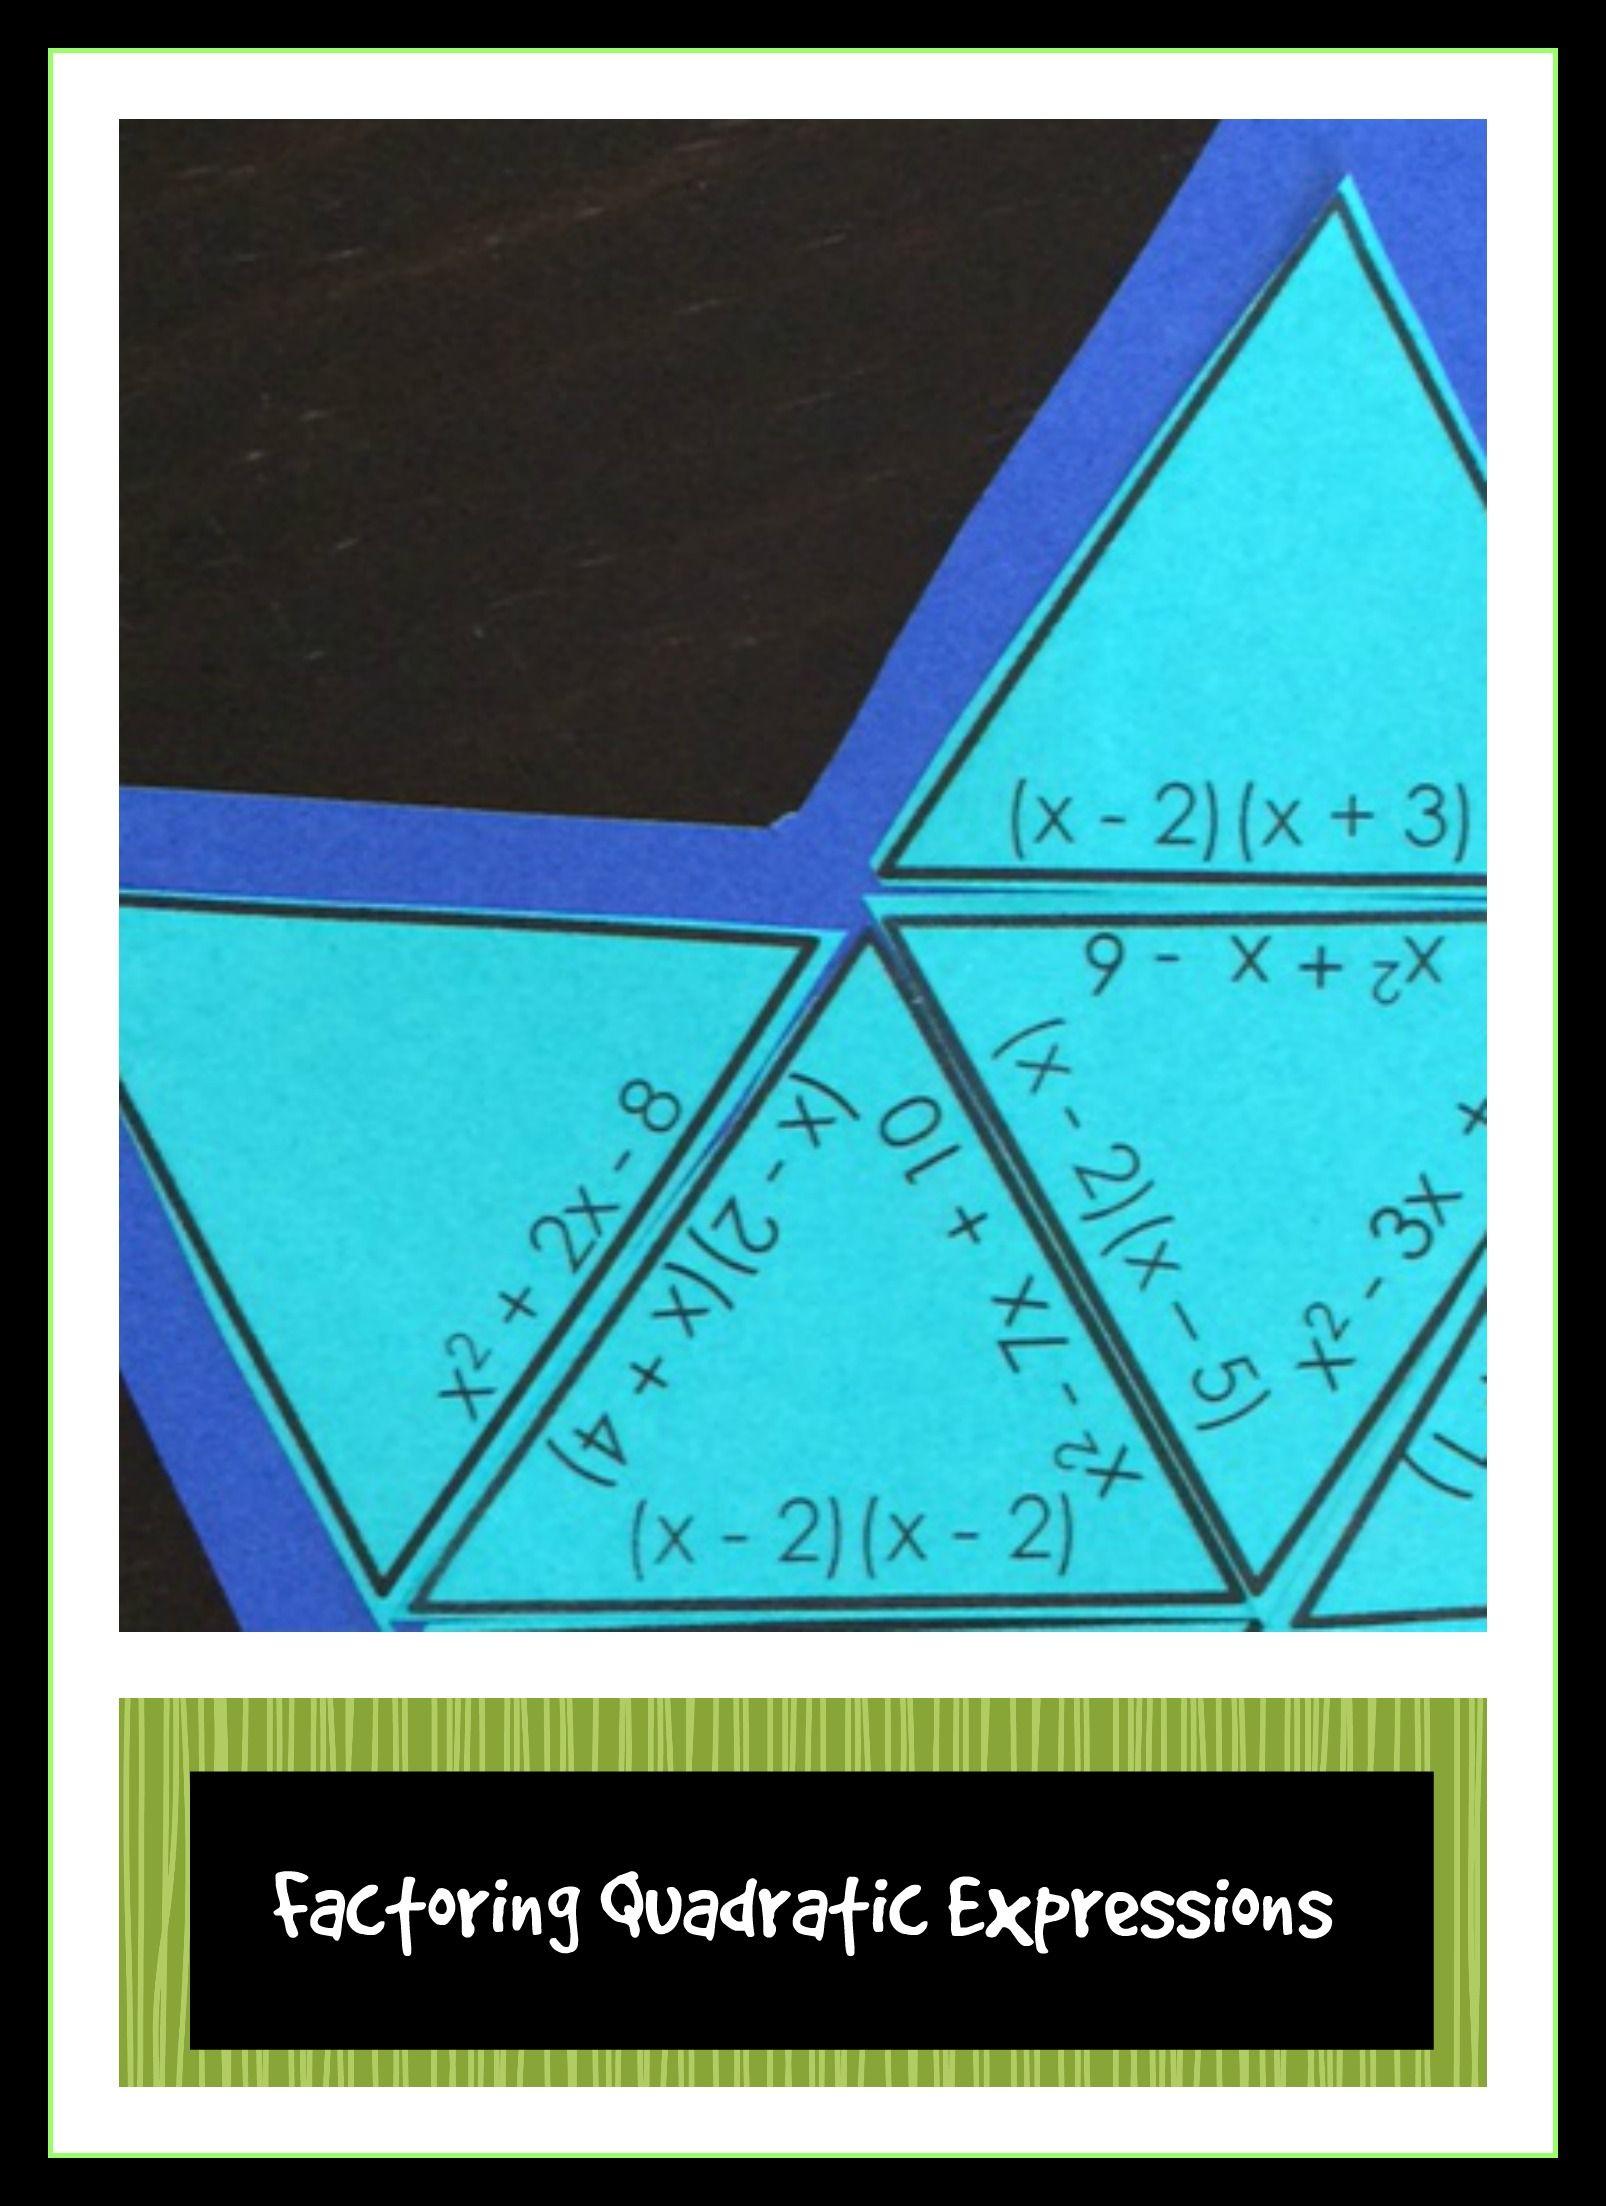 Quadratic expressions - Factor Quadratic Expressions Puzzle Activity ...